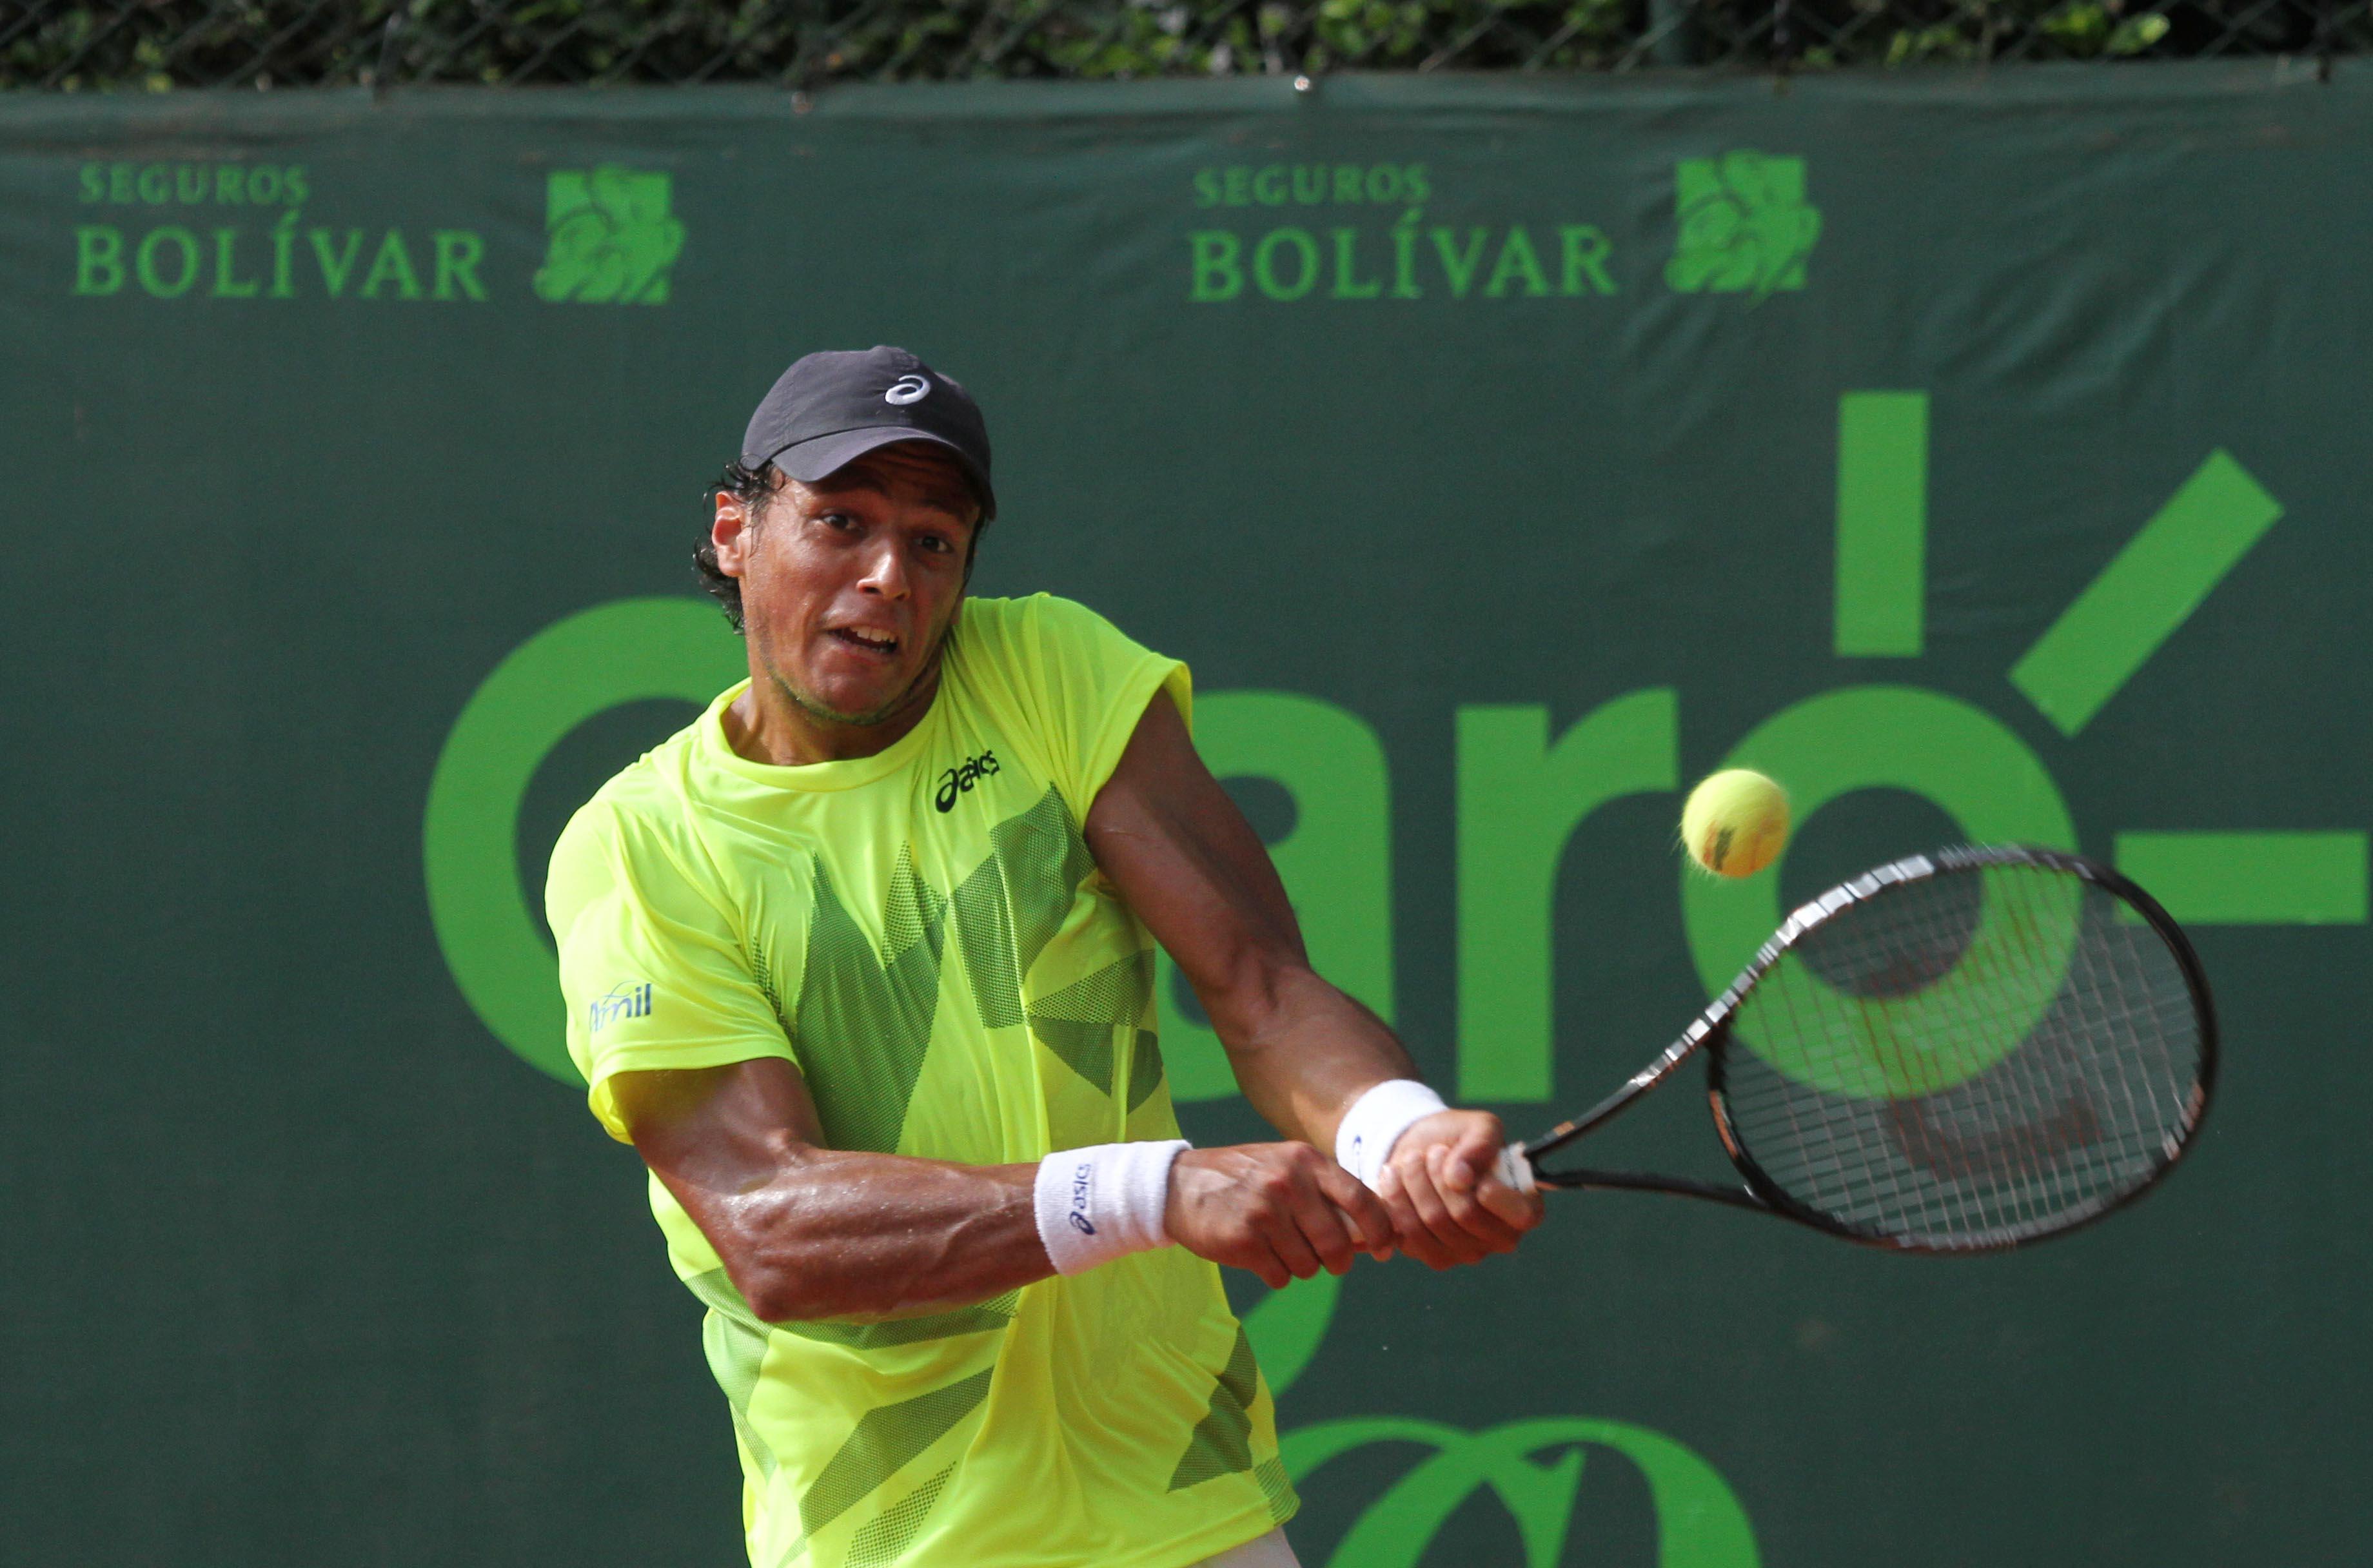 Joao Souza a cuartos de final en el Seguros Bolívar Open de tenis en Cali